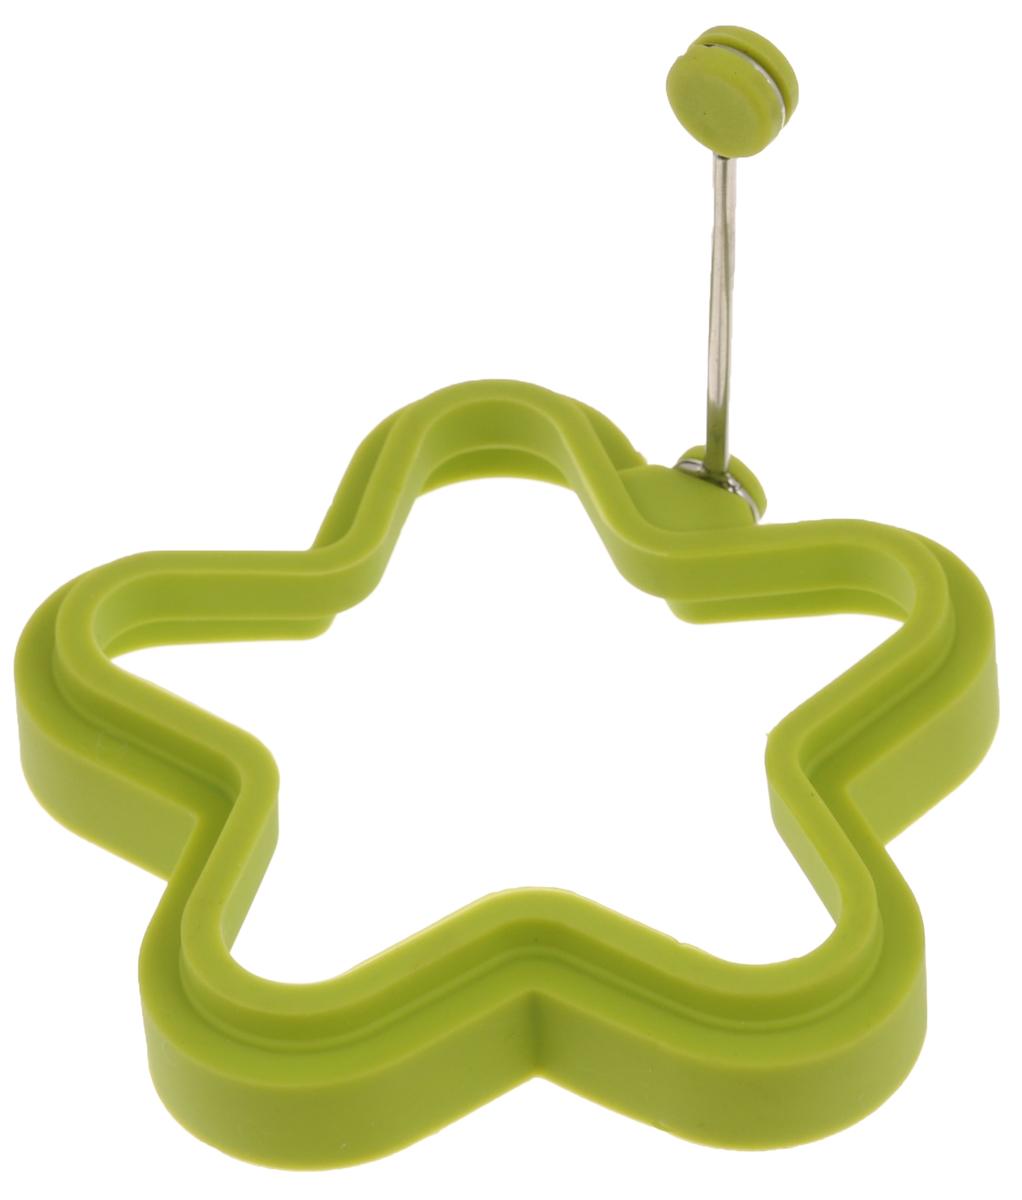 Форма для яичницы Mayer & Boch Звезда, цвет: зеленый24191_зеленыйФорма Mayer & Boch Звезда изготовлена из силикона. Она предназначена для приготовления яичницы, выпекания блинов необычной формы и других блюд. Необходимо просто залить приготавливаемую массу внутрь формочки, расположенной на сковородке, и подождать, пока блюдо не дойдет до нужной кондиции. Благодаря такой формочке, вы привнесете немного оригинальности и разнообразия в свой повседневный завтрак. Можно мыть в посудомоечной машине. Размер: 11,5 х 11,5 х 2,2 см.